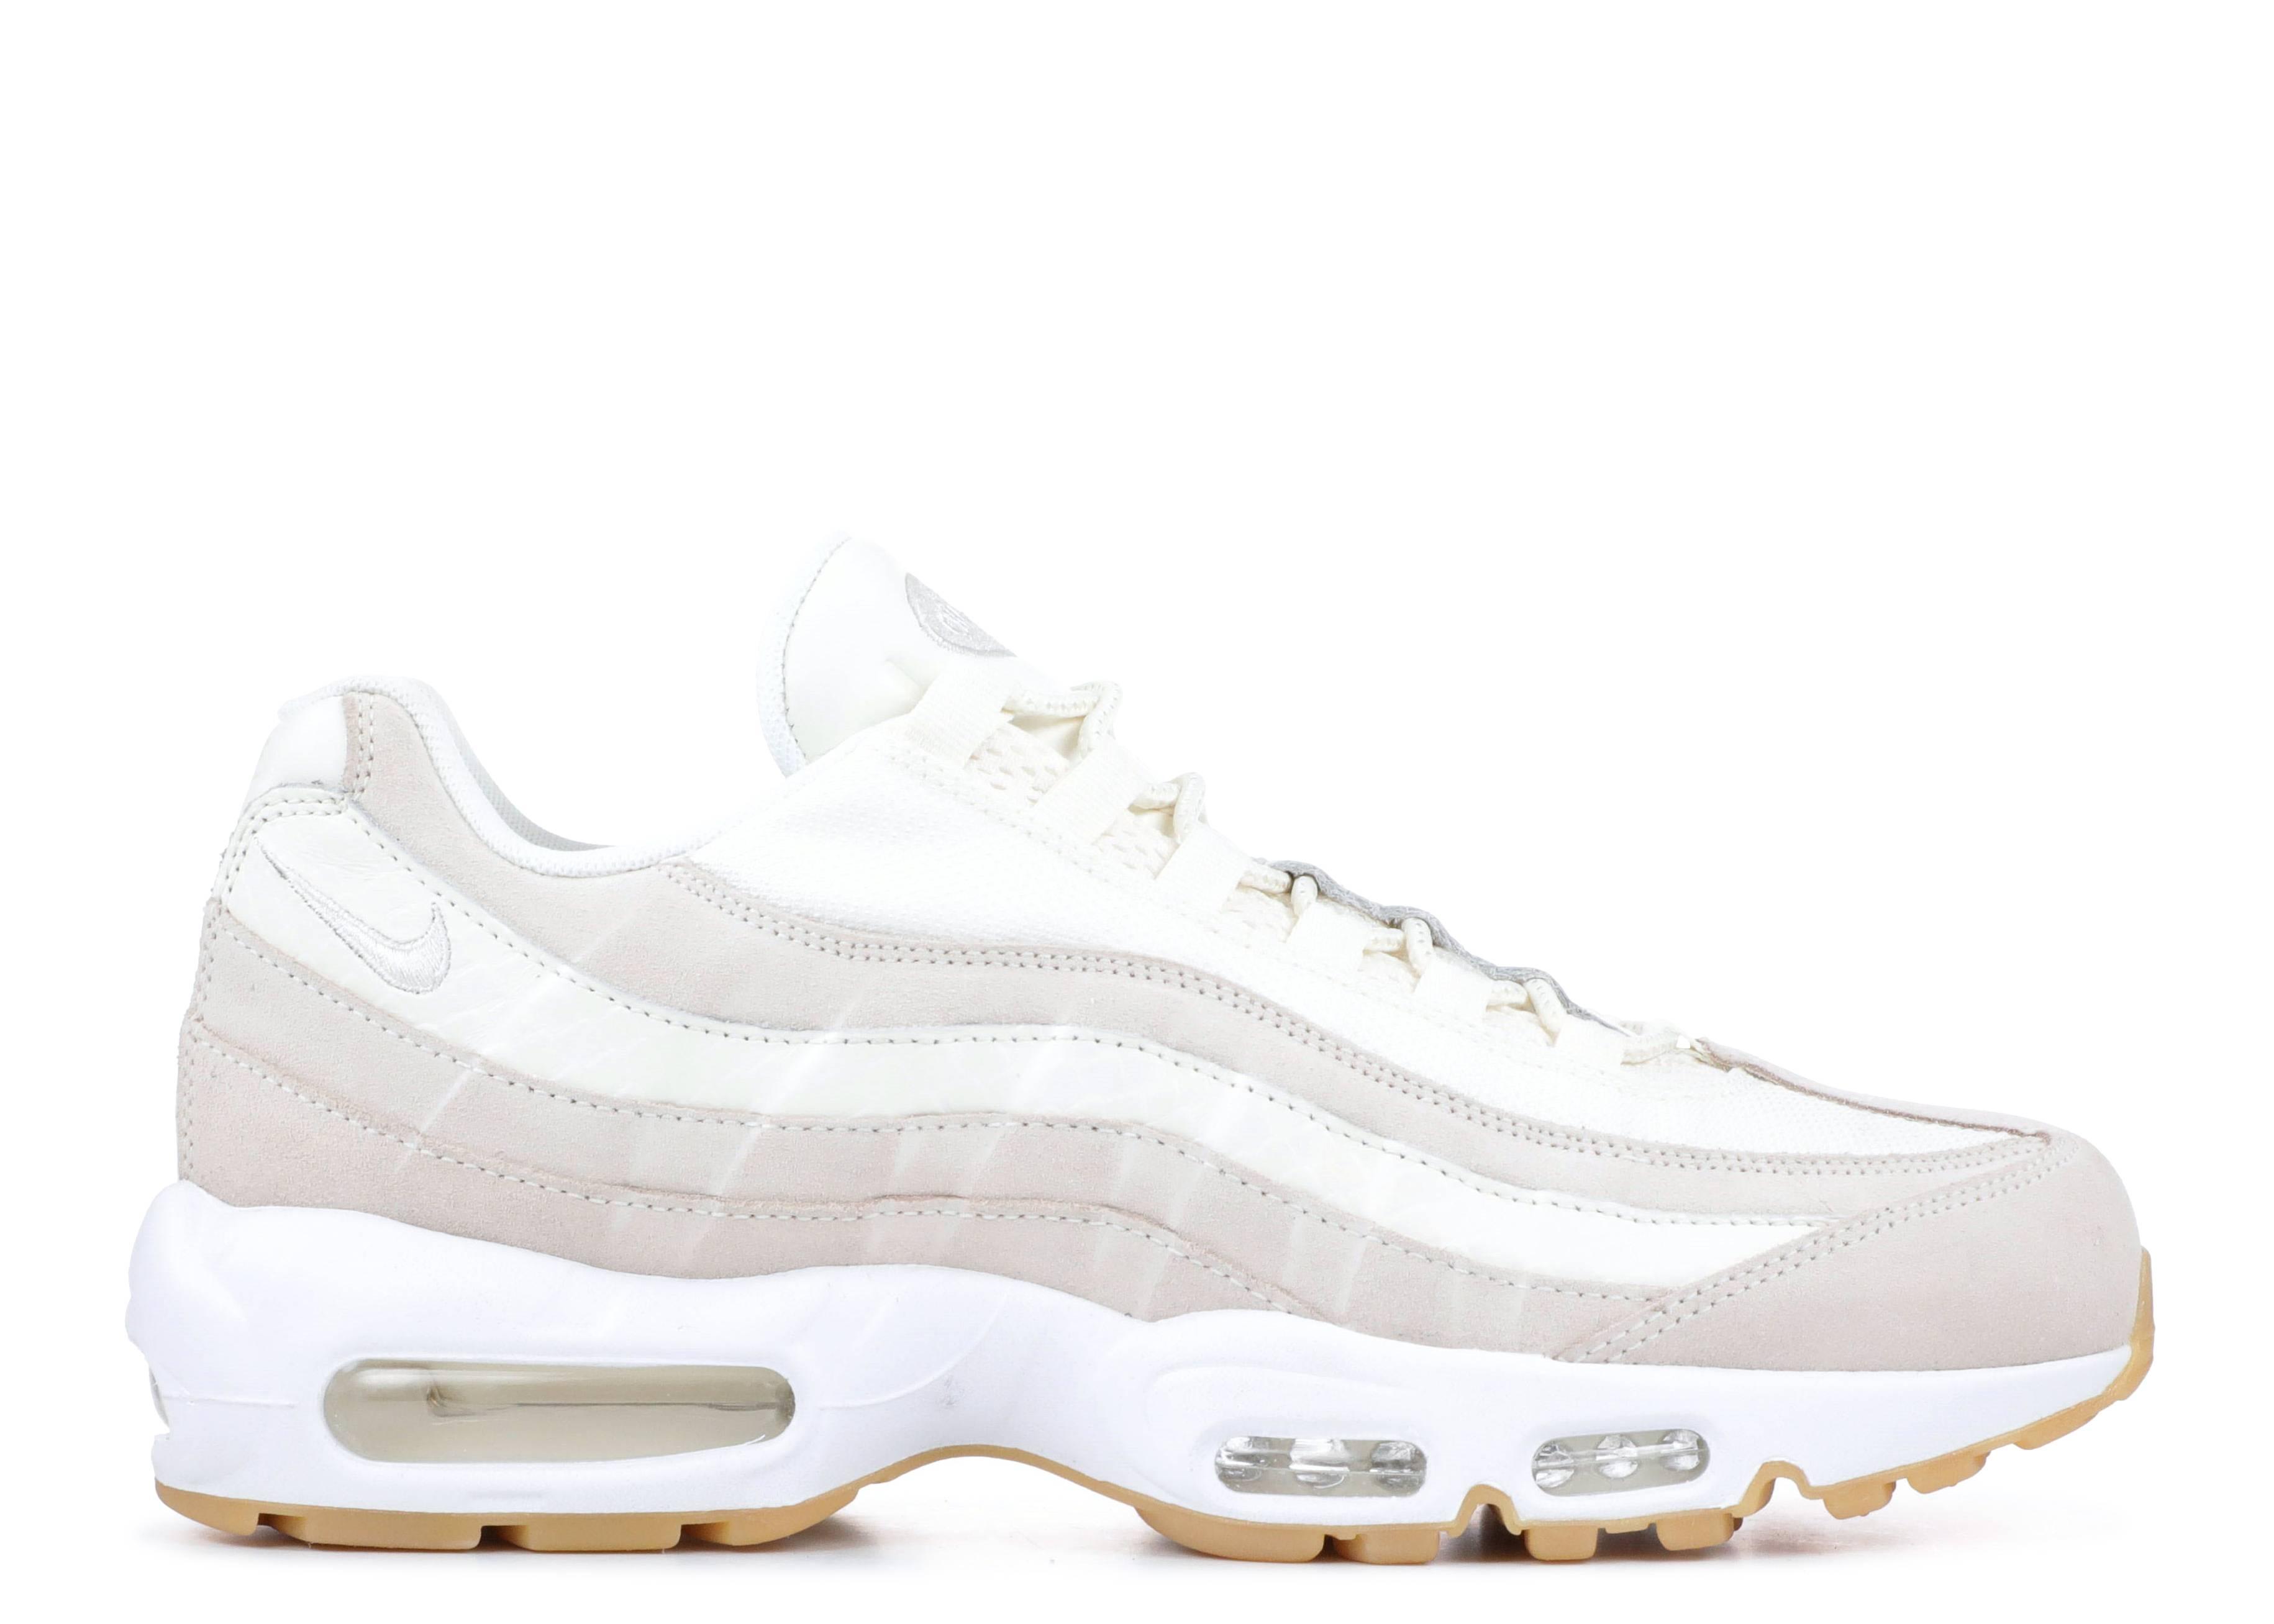 Nike Air Max 95 Premium Sneaker, Size 5 Women's 3.5 Men's